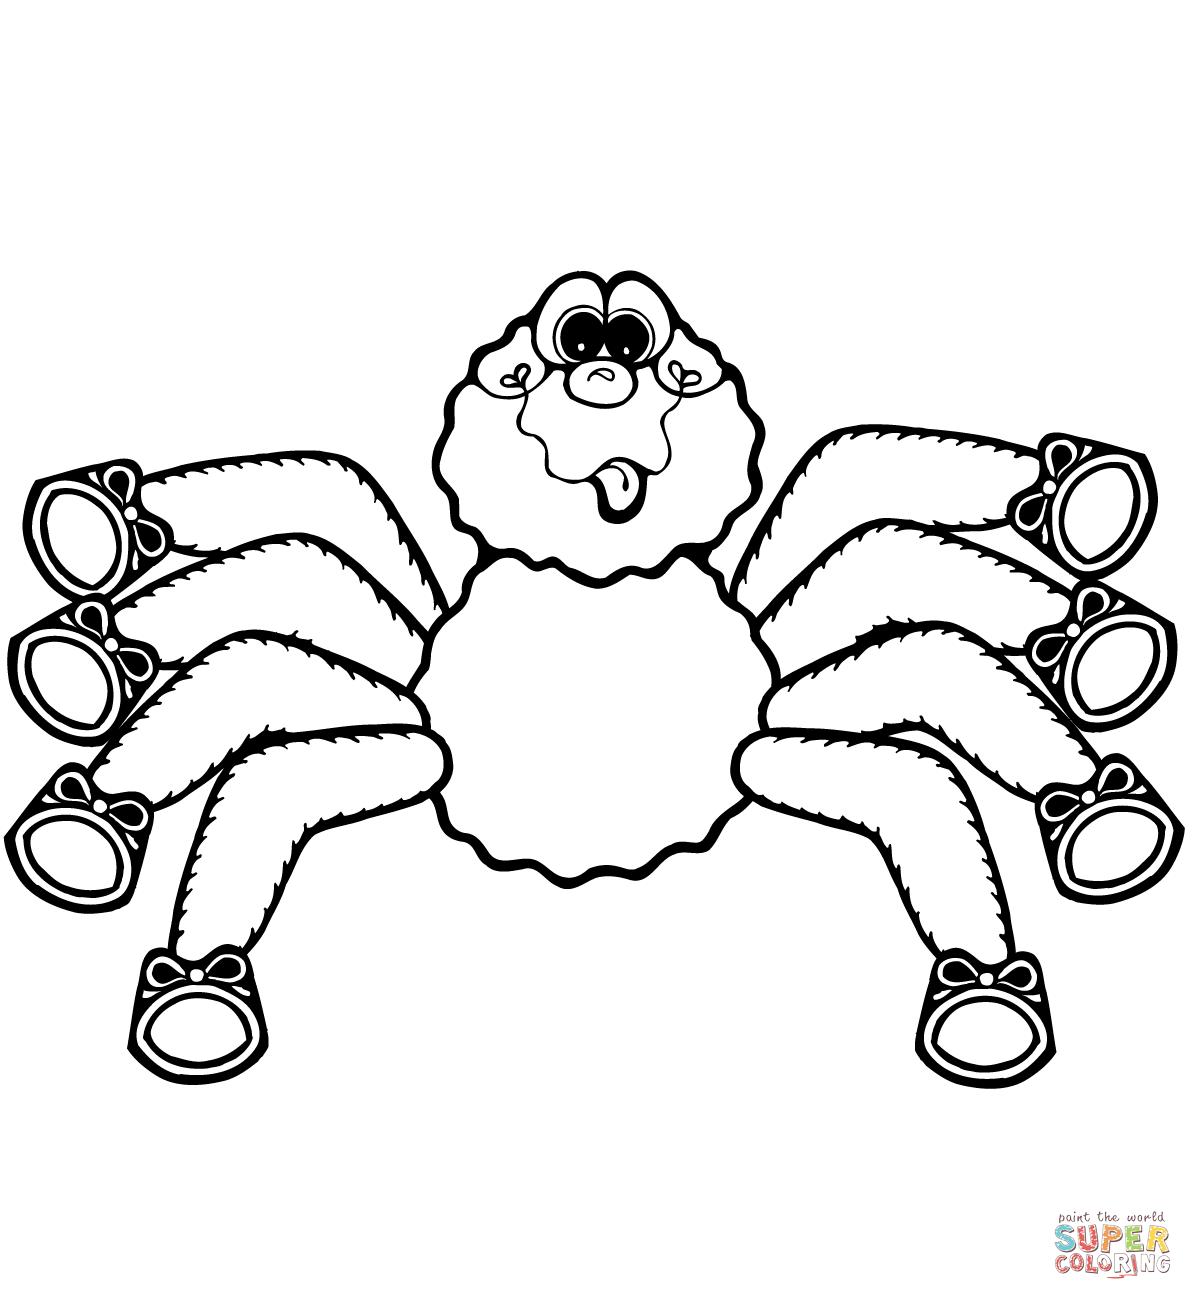 1545183164_cartoon-spider-1-coloring